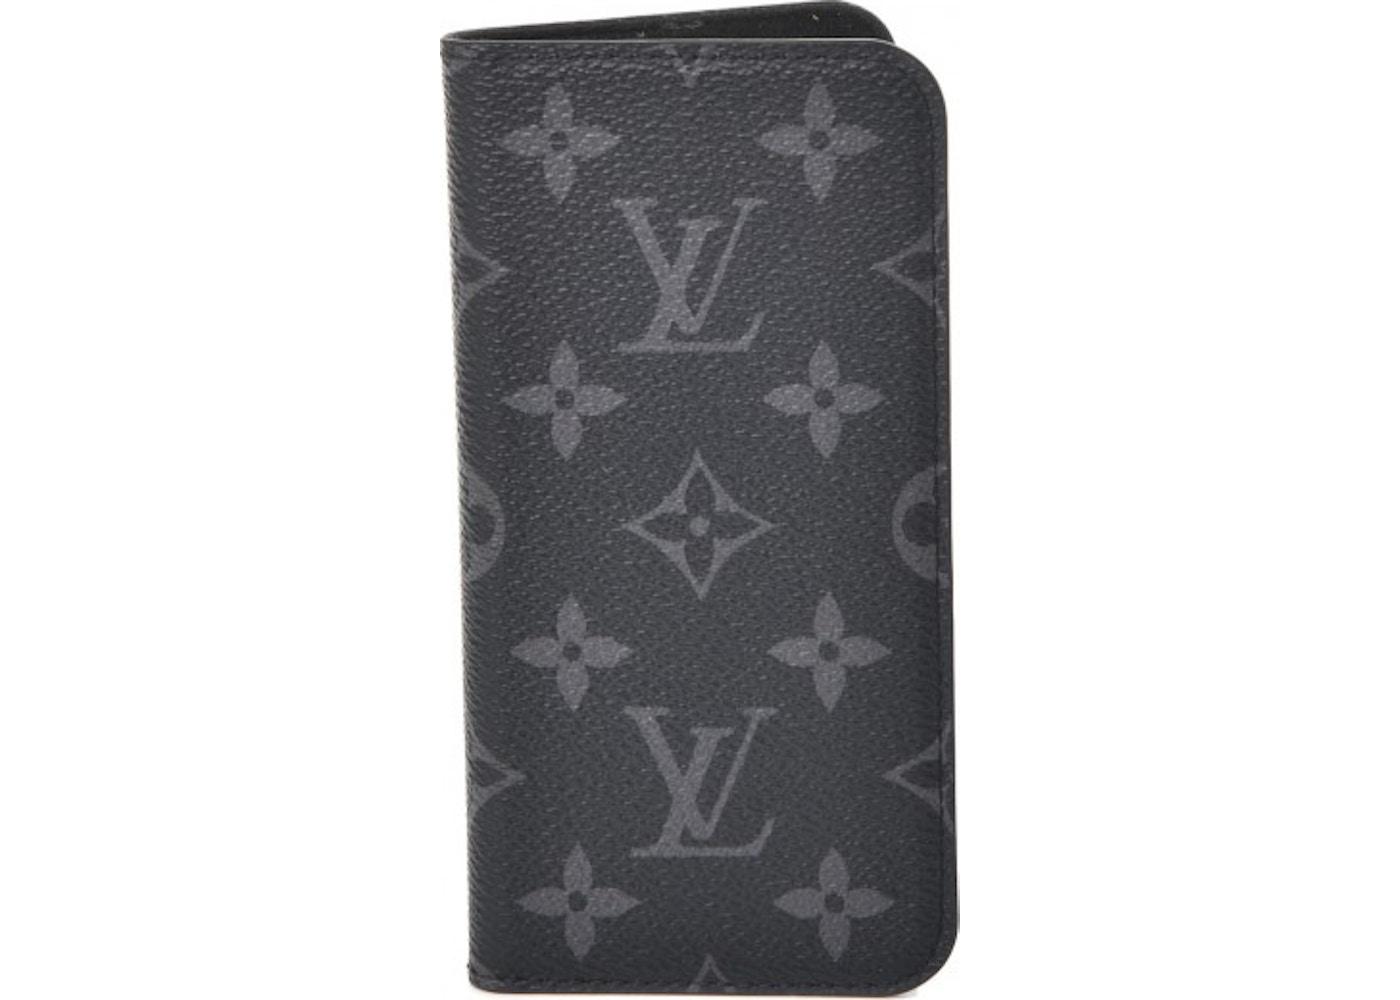 d06a83abf35 Louis Vuitton Folio Case iPhone X Monogram Eclipse Gray/Black